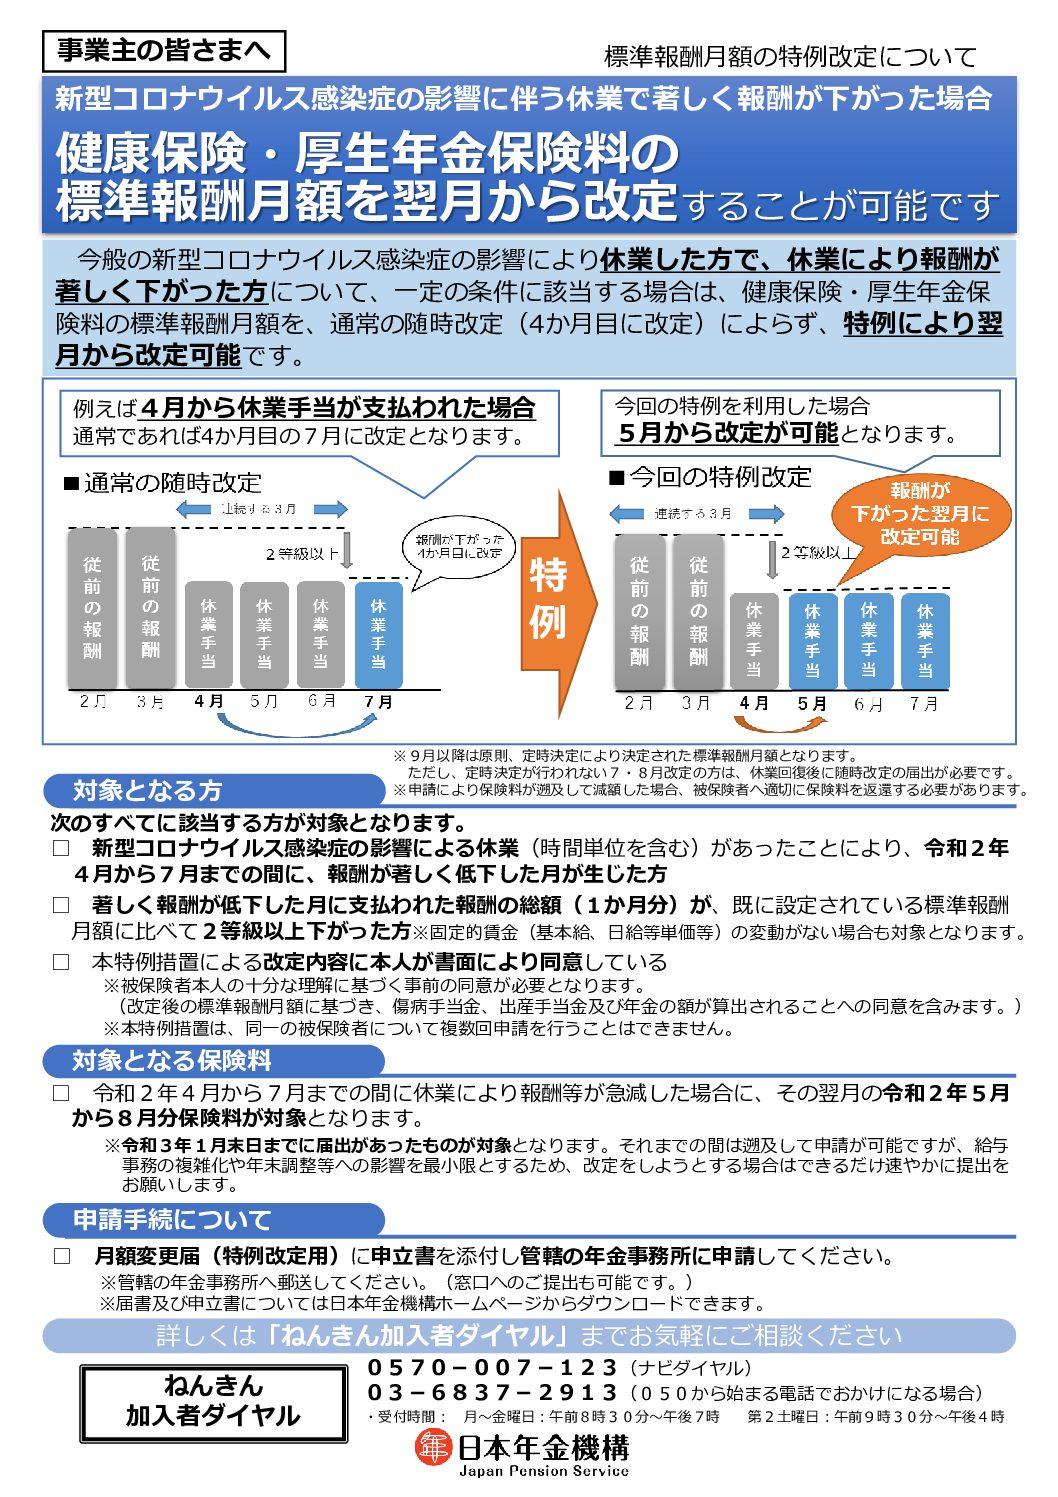 【コロナ特例随時改定①】1か月でも月額変更可能【休業手当可】